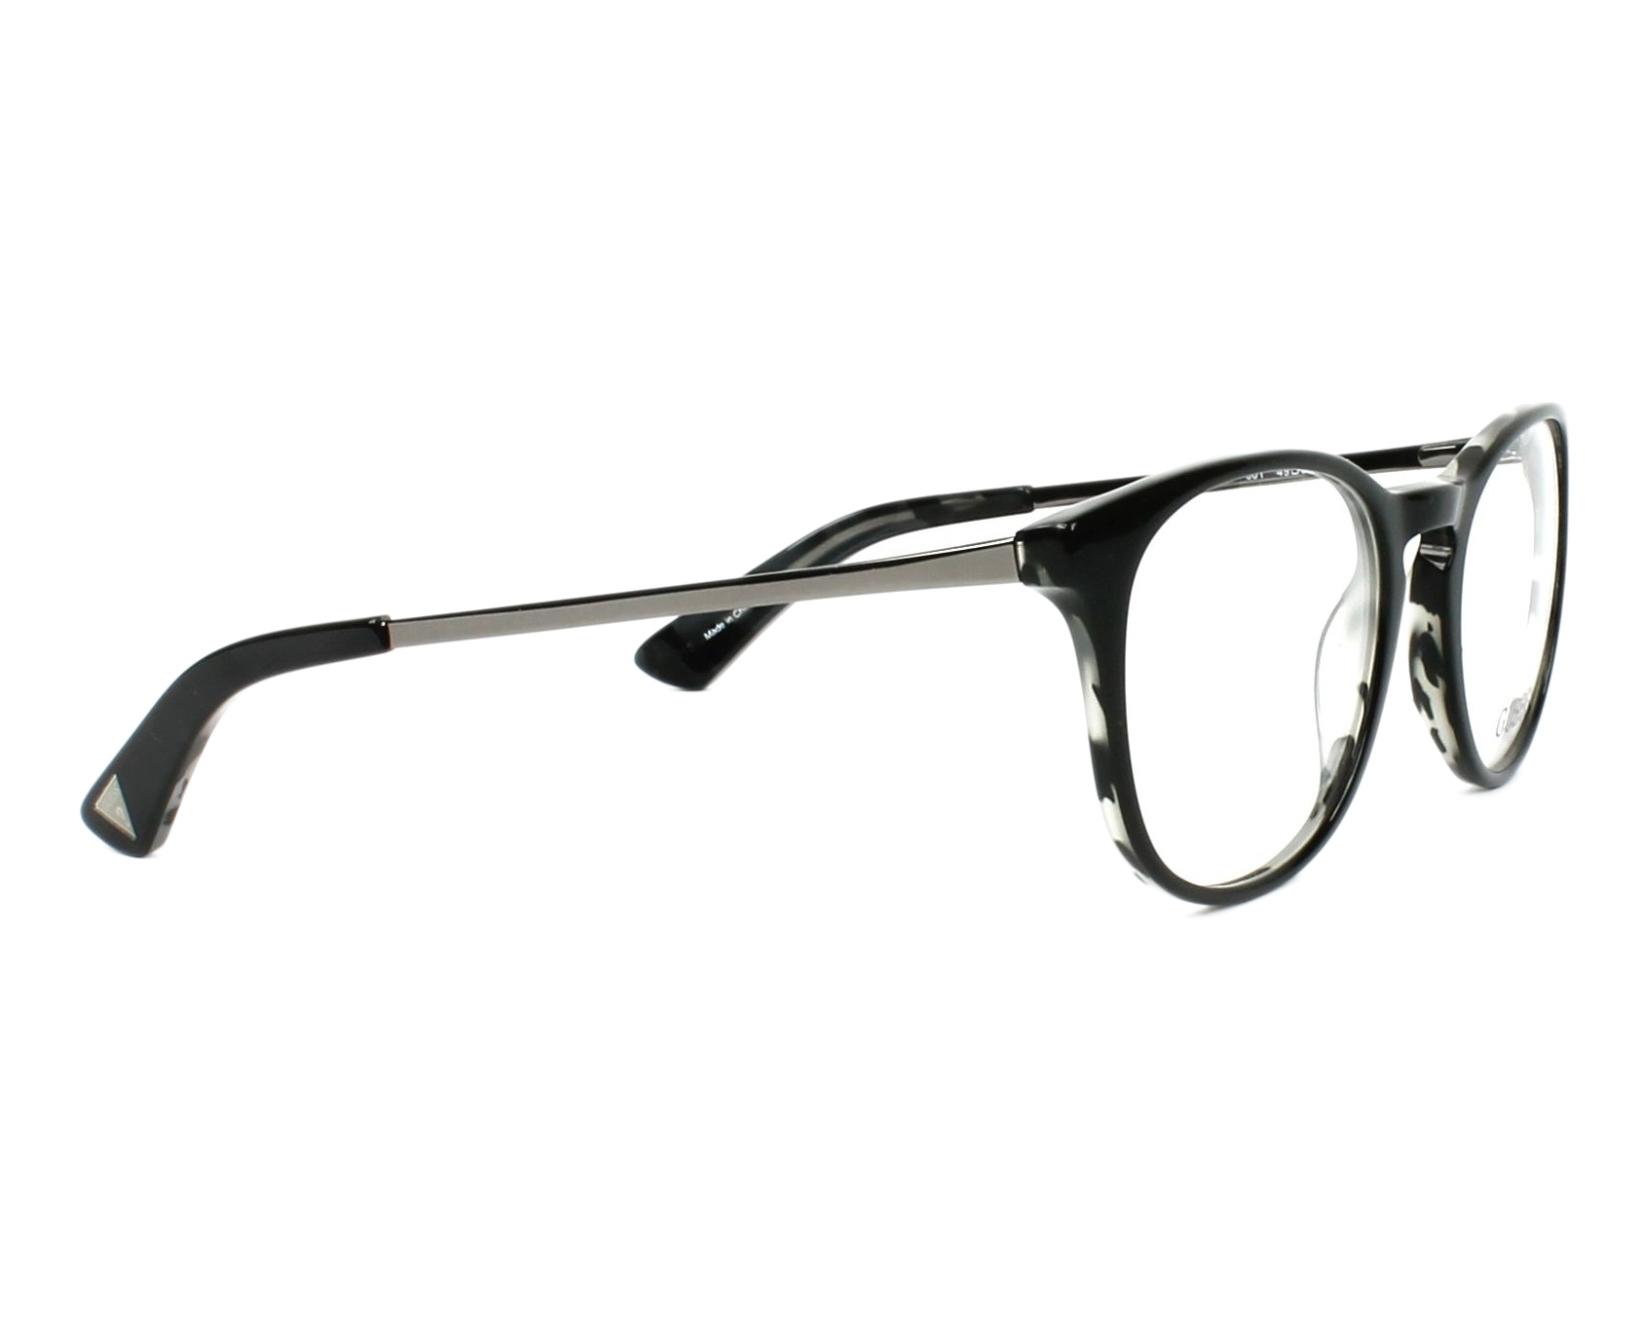 eyeglasses Guess GU-2531 001 49-20 Black Gun side view